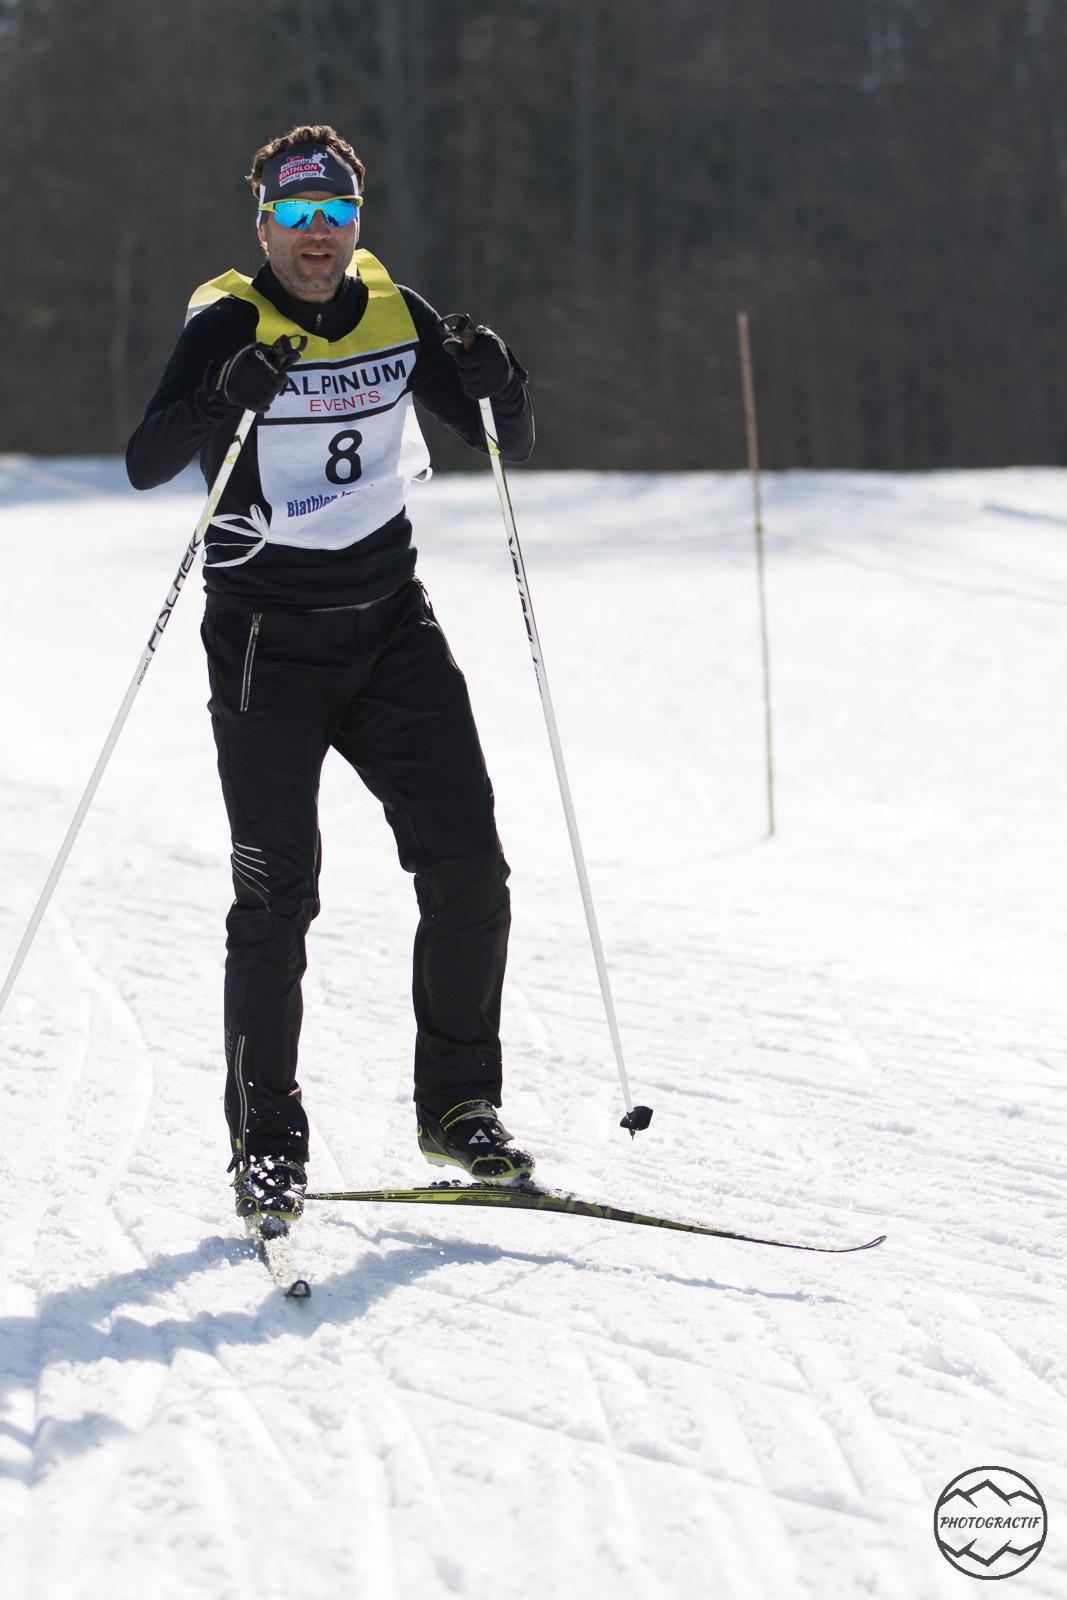 Biathlon Alpinum Les Contamines 2019 (59)